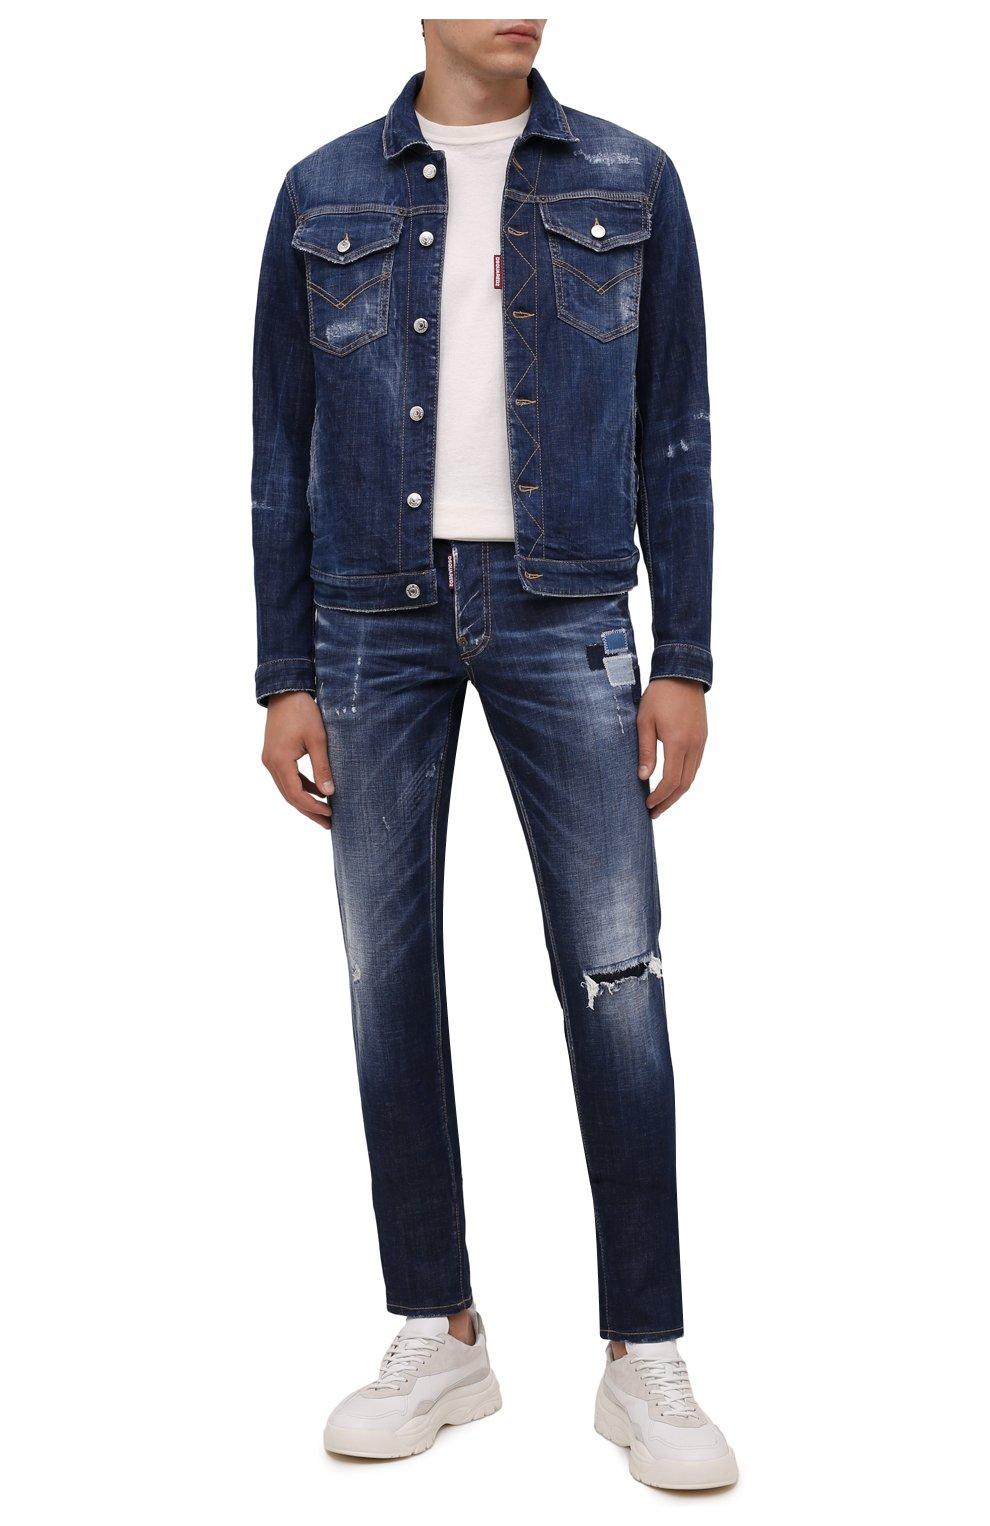 Мужская джинсовая куртка DSQUARED2 темно-синего цвета, арт. S74AM1207/S30342   Фото 2 (Кросс-КТ: Куртка, Деним; Рукава: Длинные; Стили: Гранж; Материал внешний: Хлопок; Длина (верхняя одежда): Короткие; Материал подклада: Хлопок)